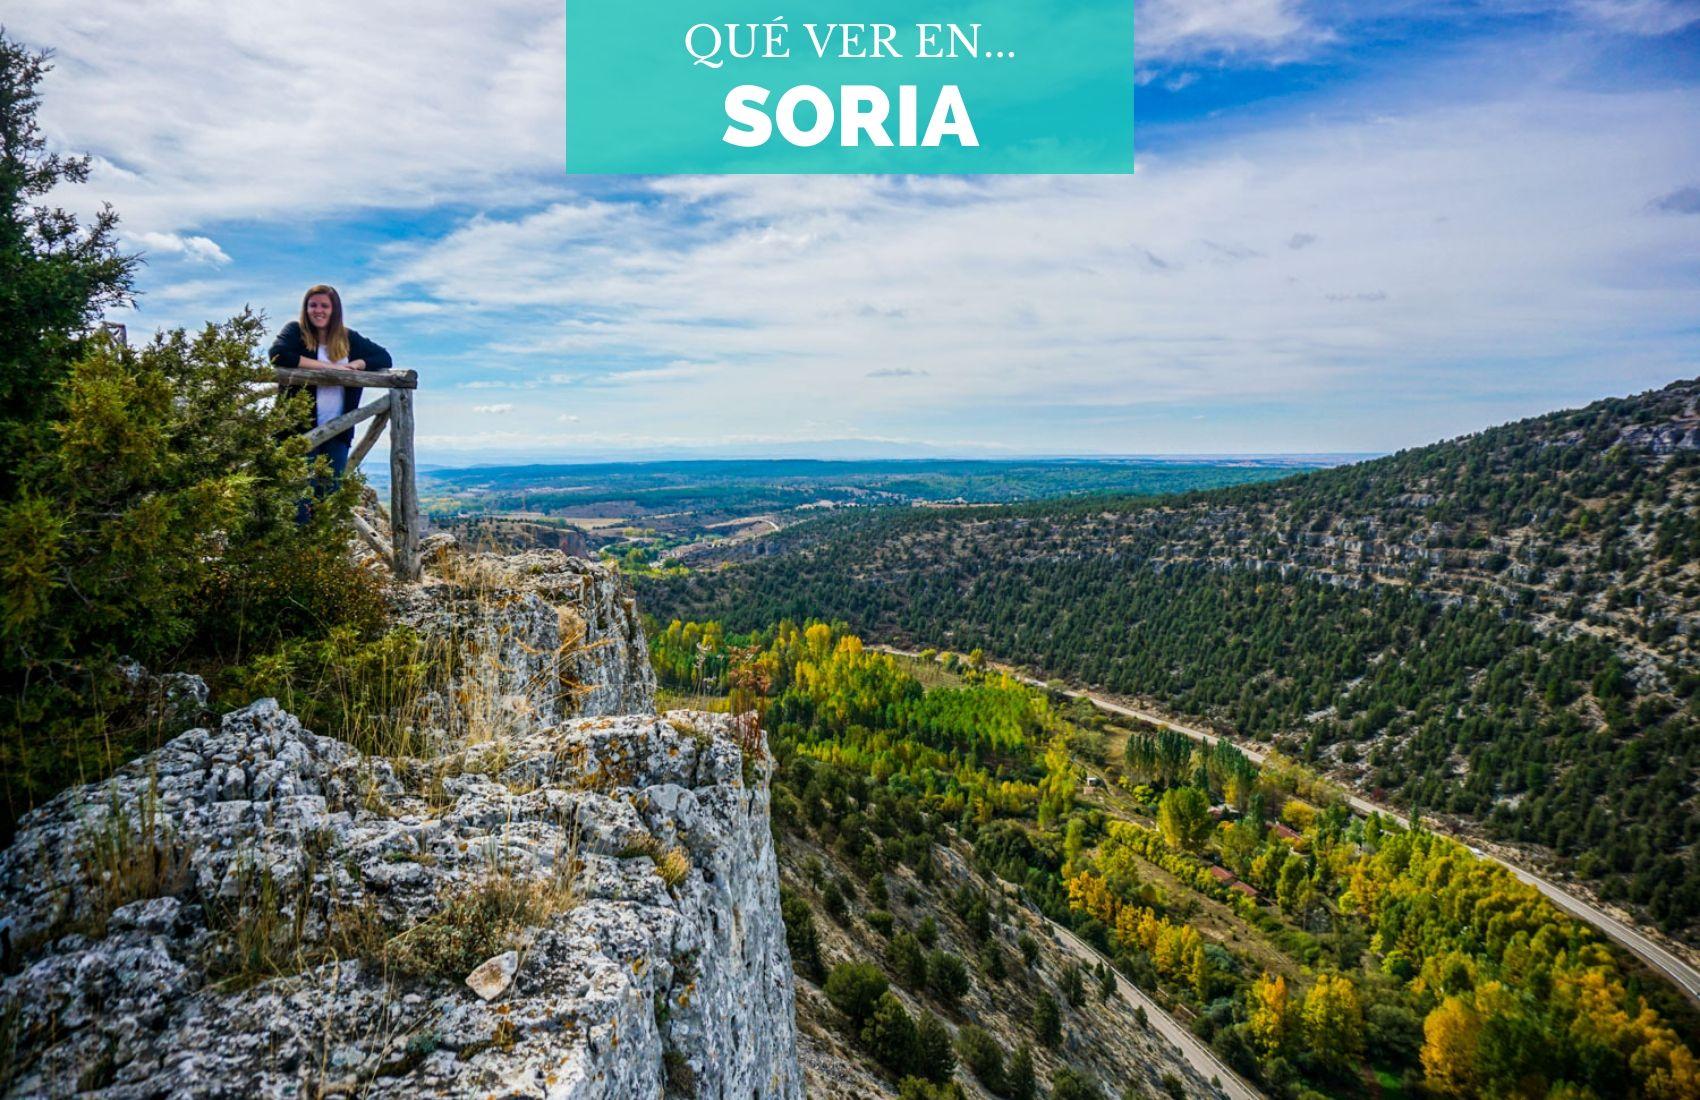 ¿Qué ver en la provincia de Soria?